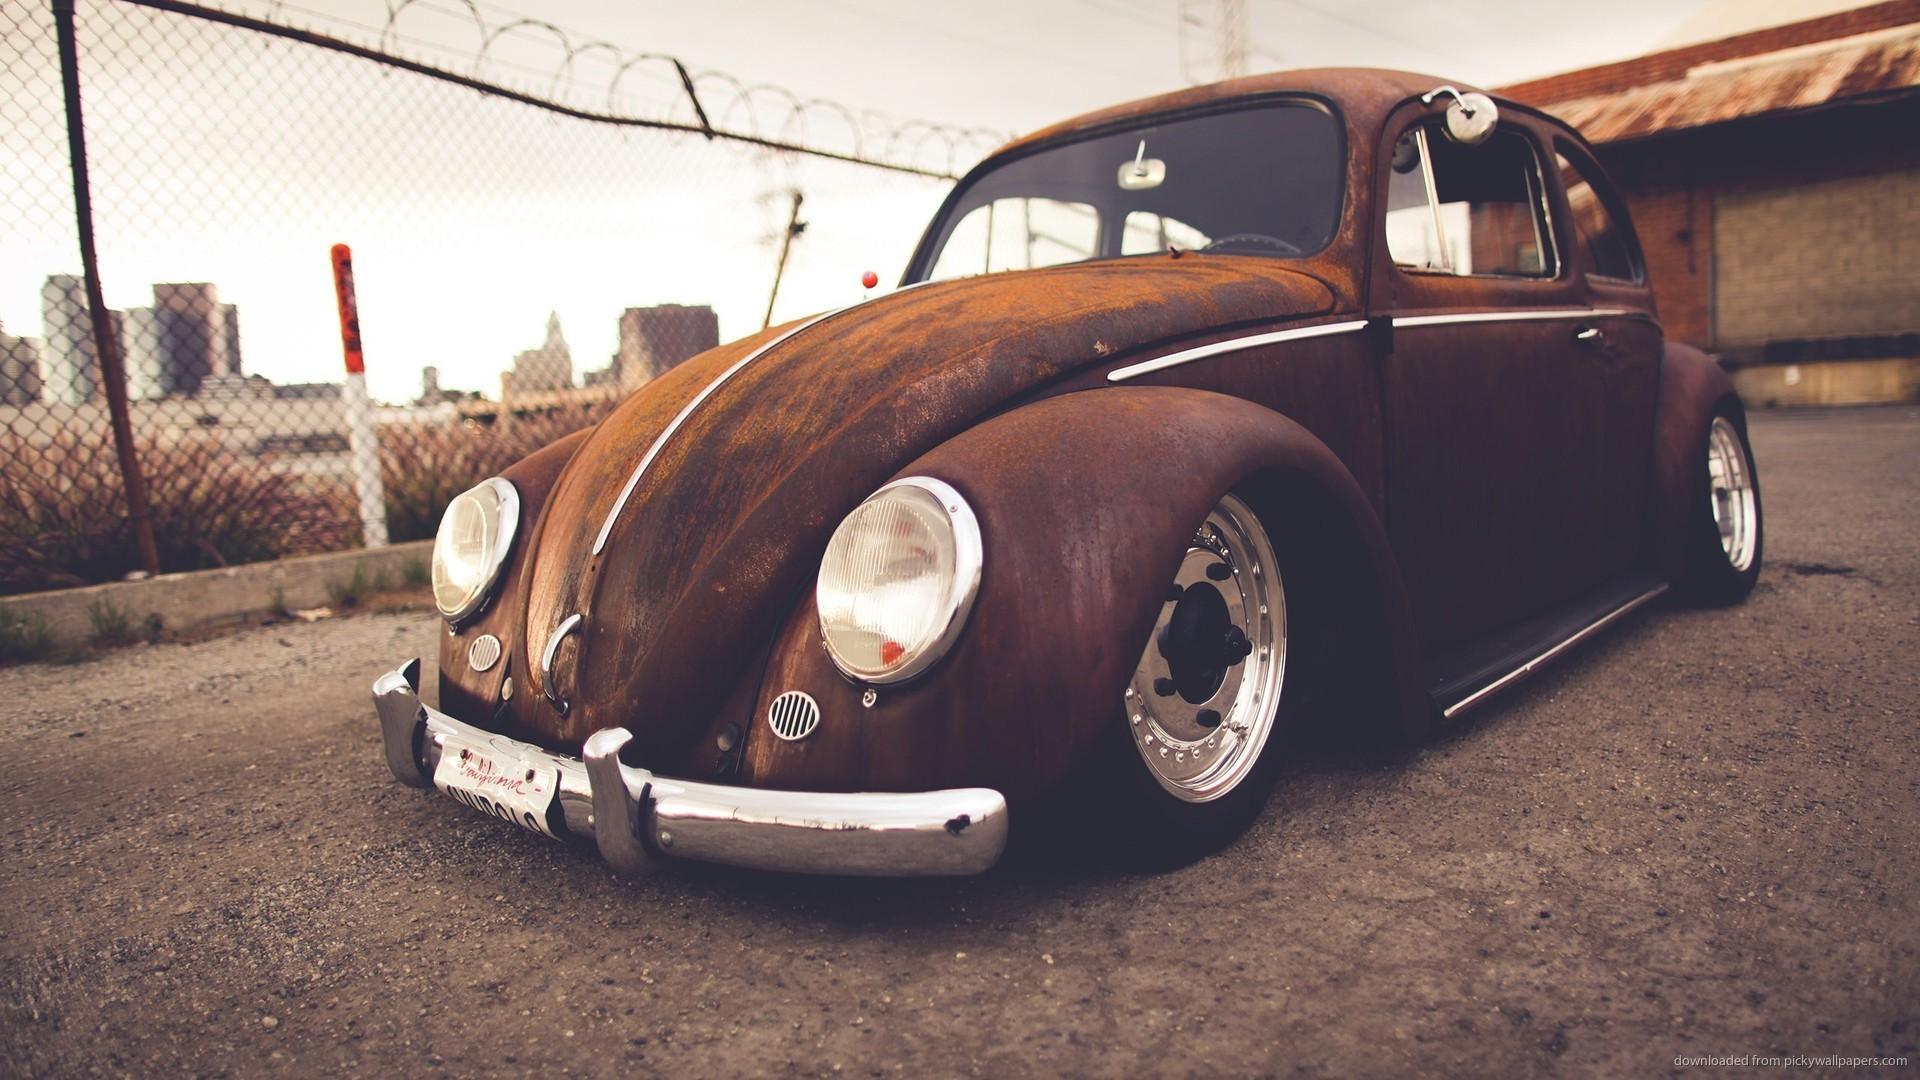 Rusty Volkswagen Beetle Cabriolet picture